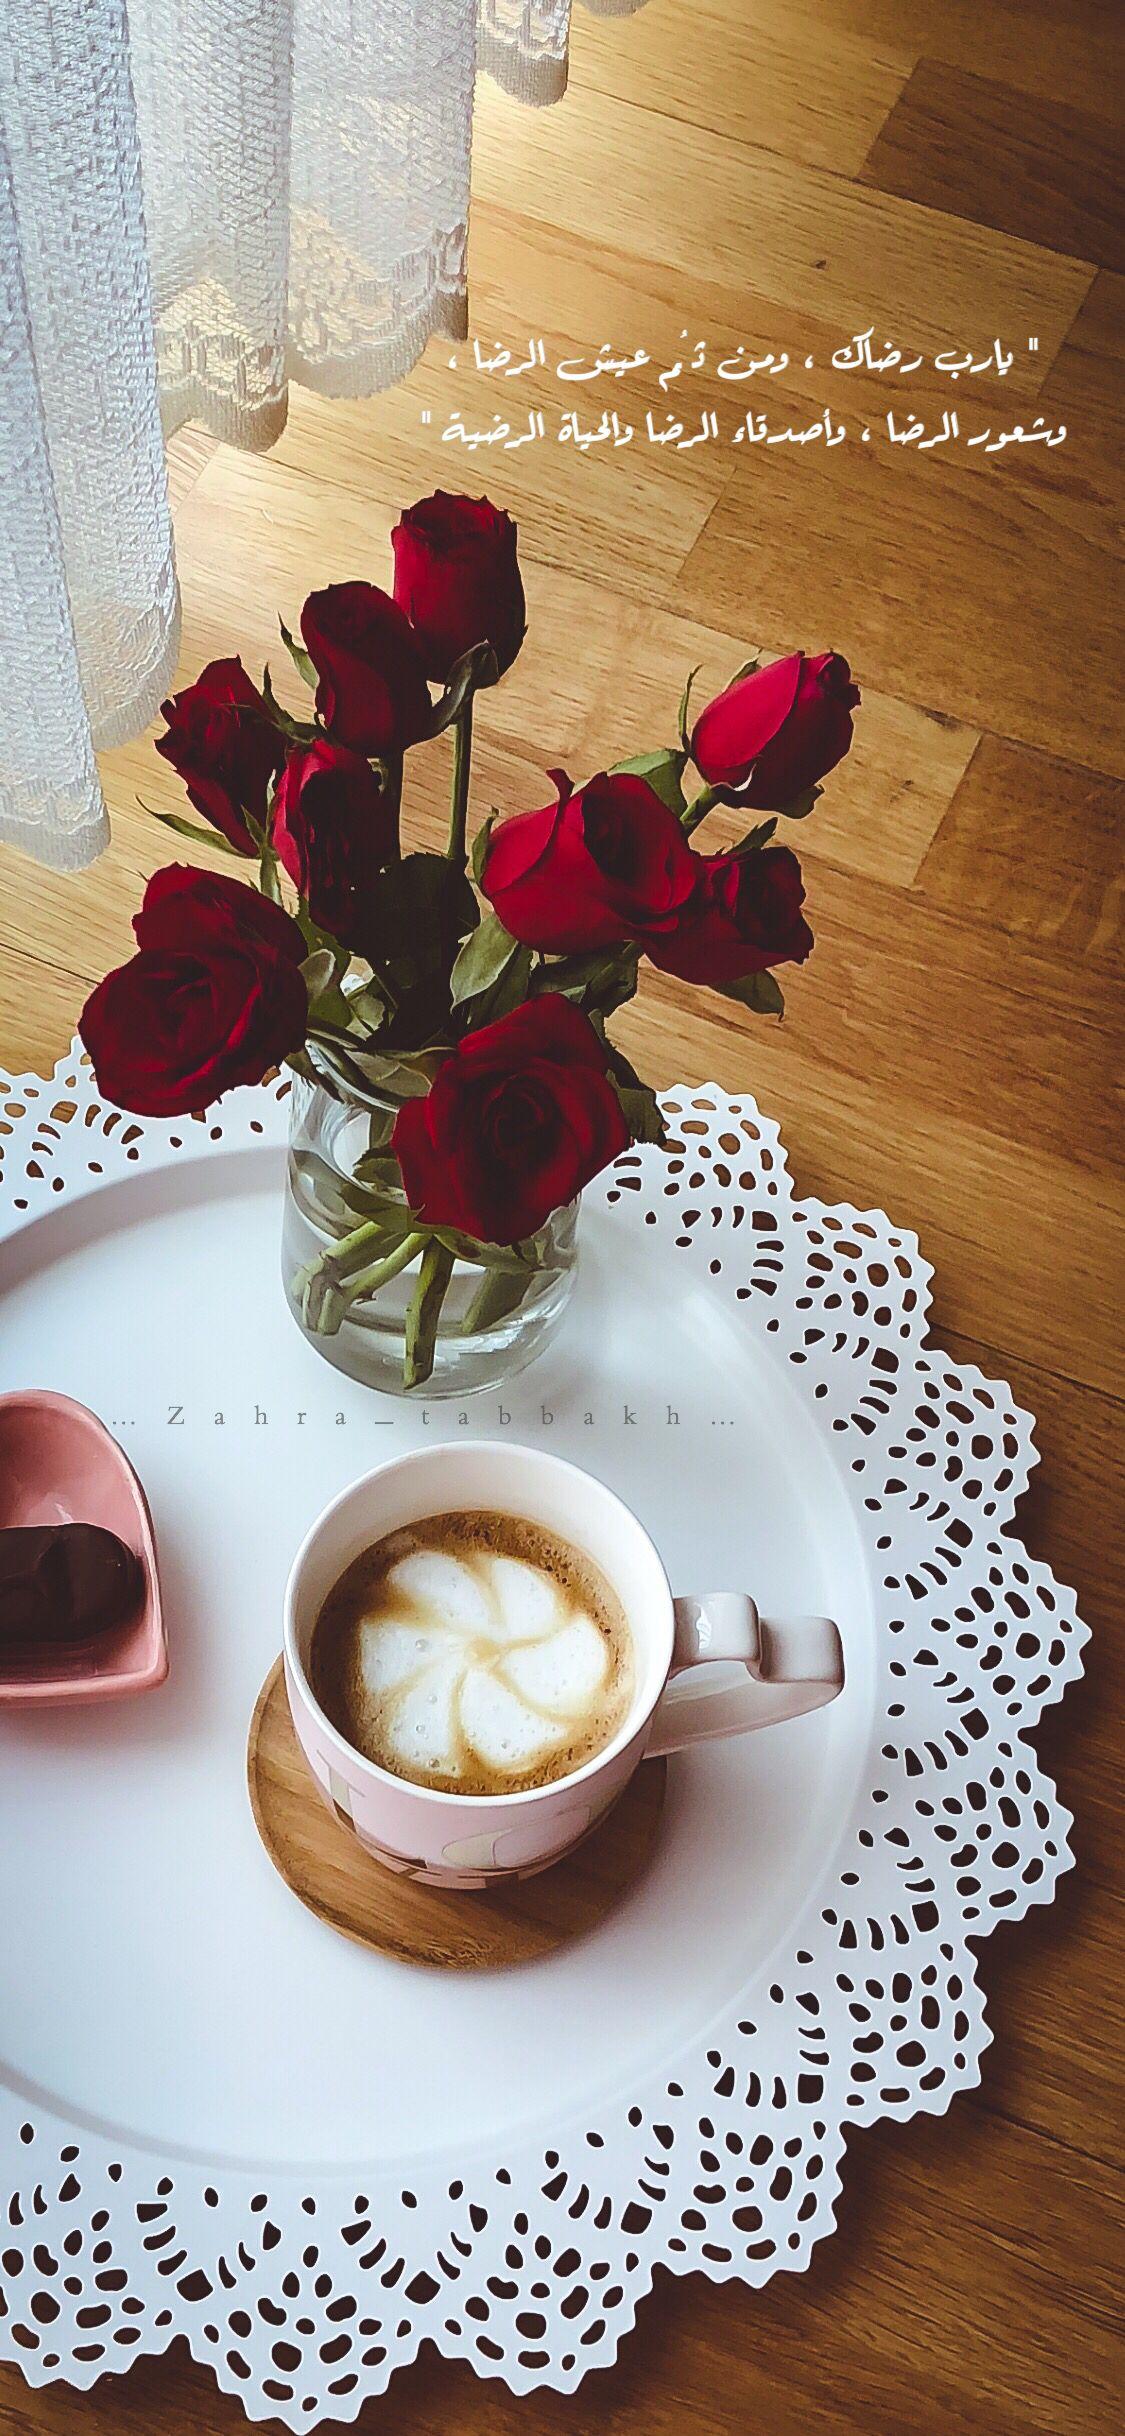 يارب..💕رضاك والحياة الرضية🍃 Sweet coffee, Coffee flower